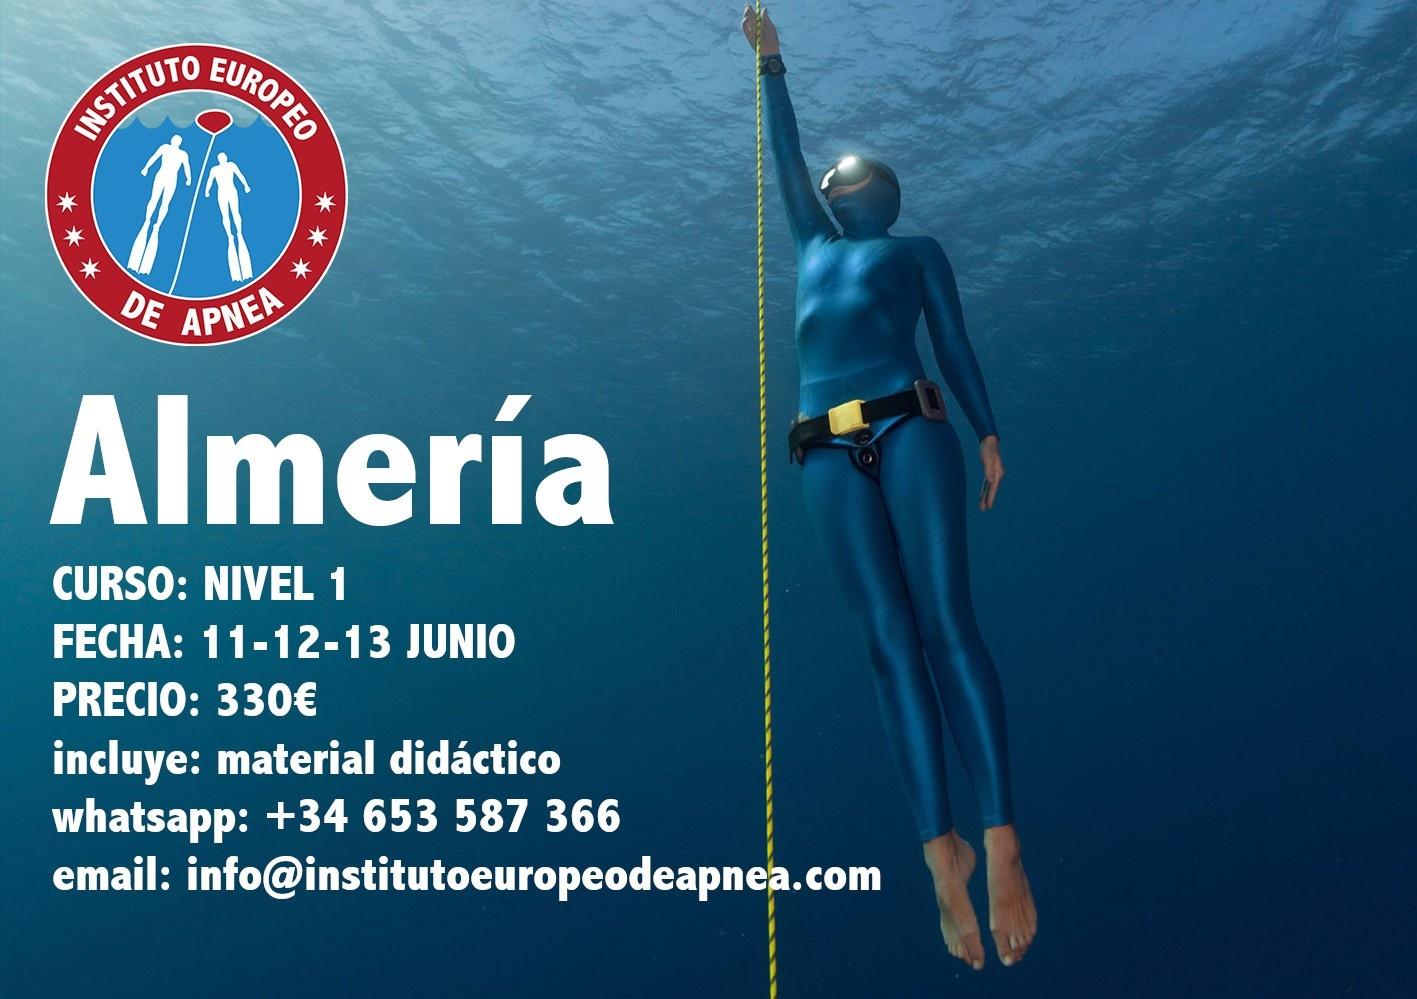 Curso de apnea en Almería - Cabo de Gata